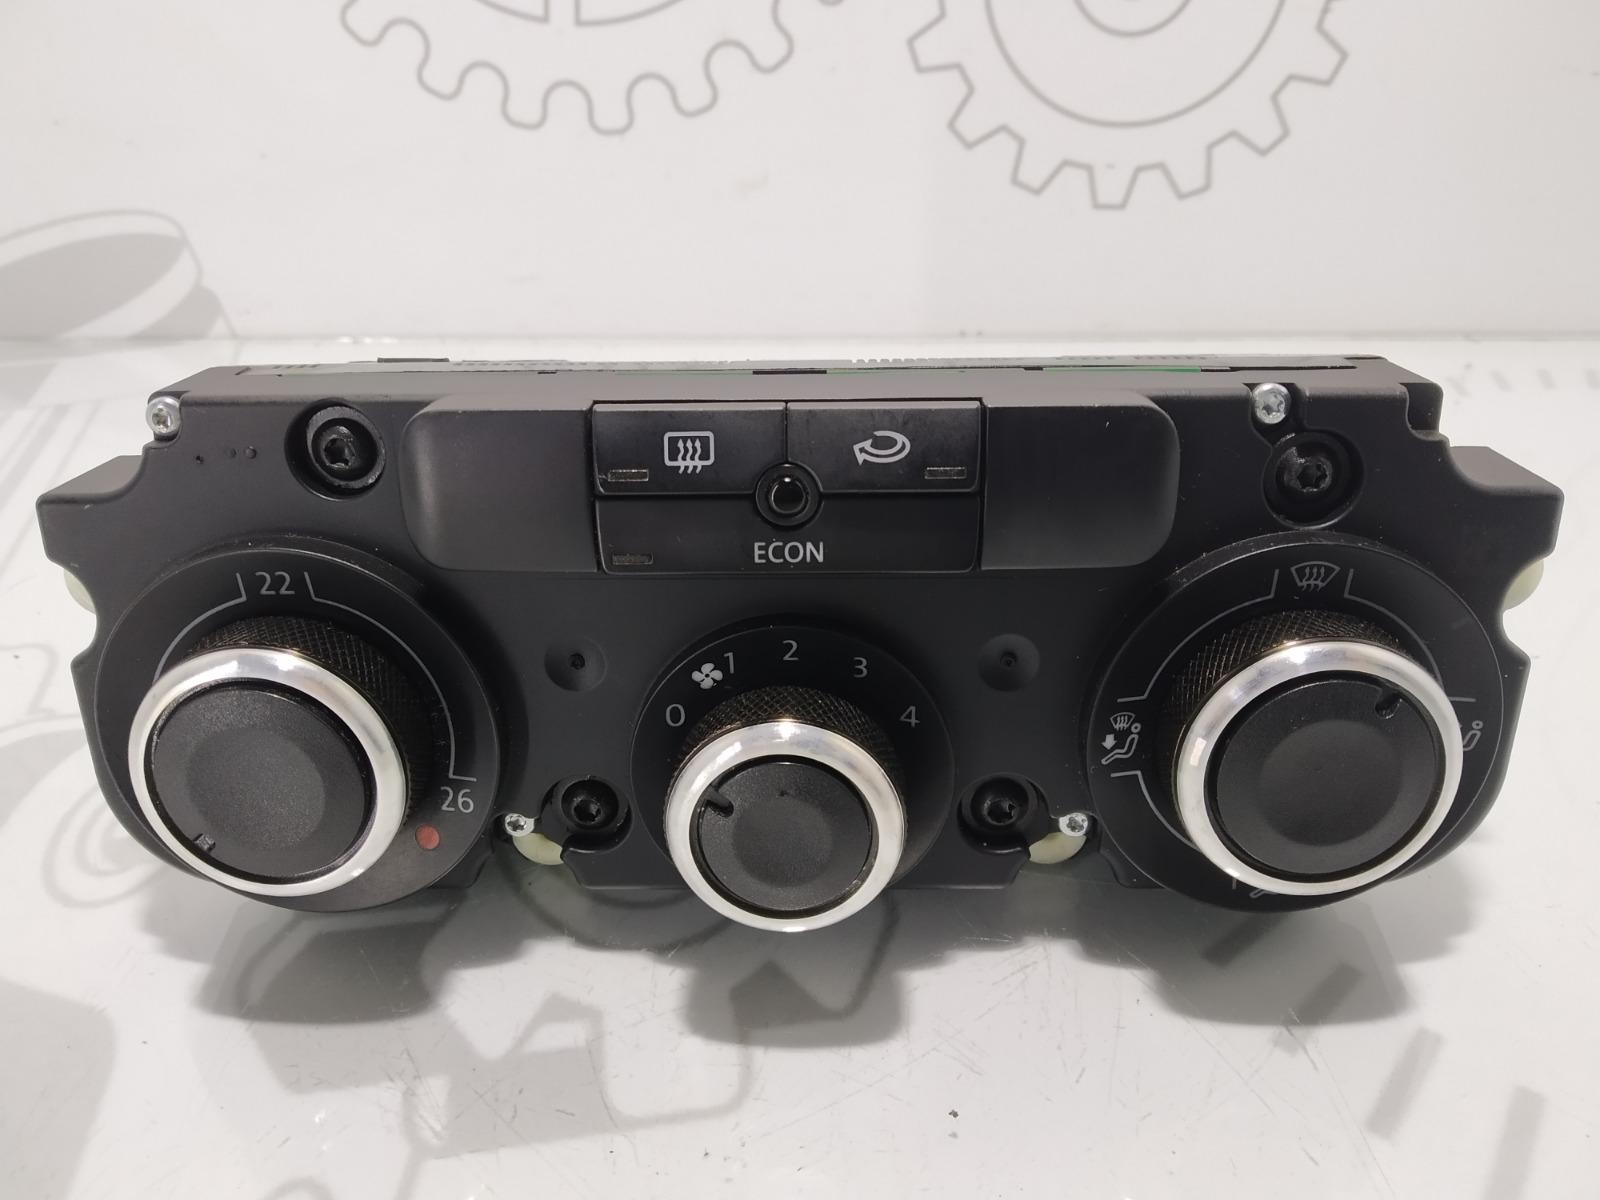 Блок управления печки/климат-контроля Volkswagen Passat B6 2.0 TDI 2005 (б/у)